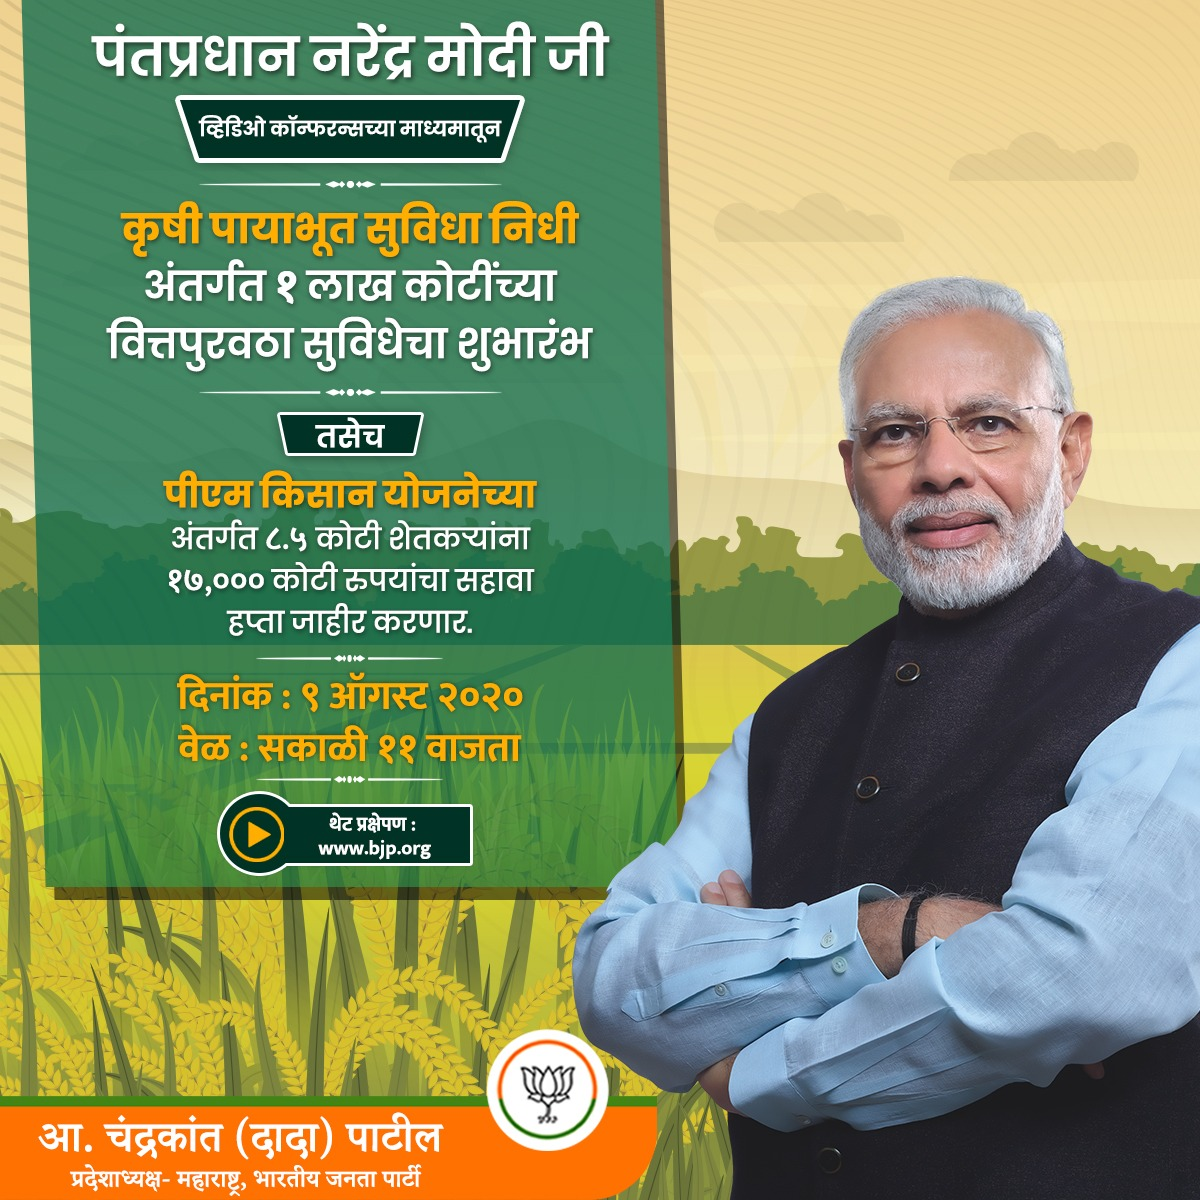 मा. पंतप्रधान @narendramodi जी शेतकऱ्यांसाठी नवीन सुविधेचा शुभारंभ करणार आहेत. याशिवाय पीएम किसान योजने अंतर्गत देशभरातील ८.६ कोटी शेतकऱ्यांना सहावा हफ्ता जाहीर करणार येणार आहे.